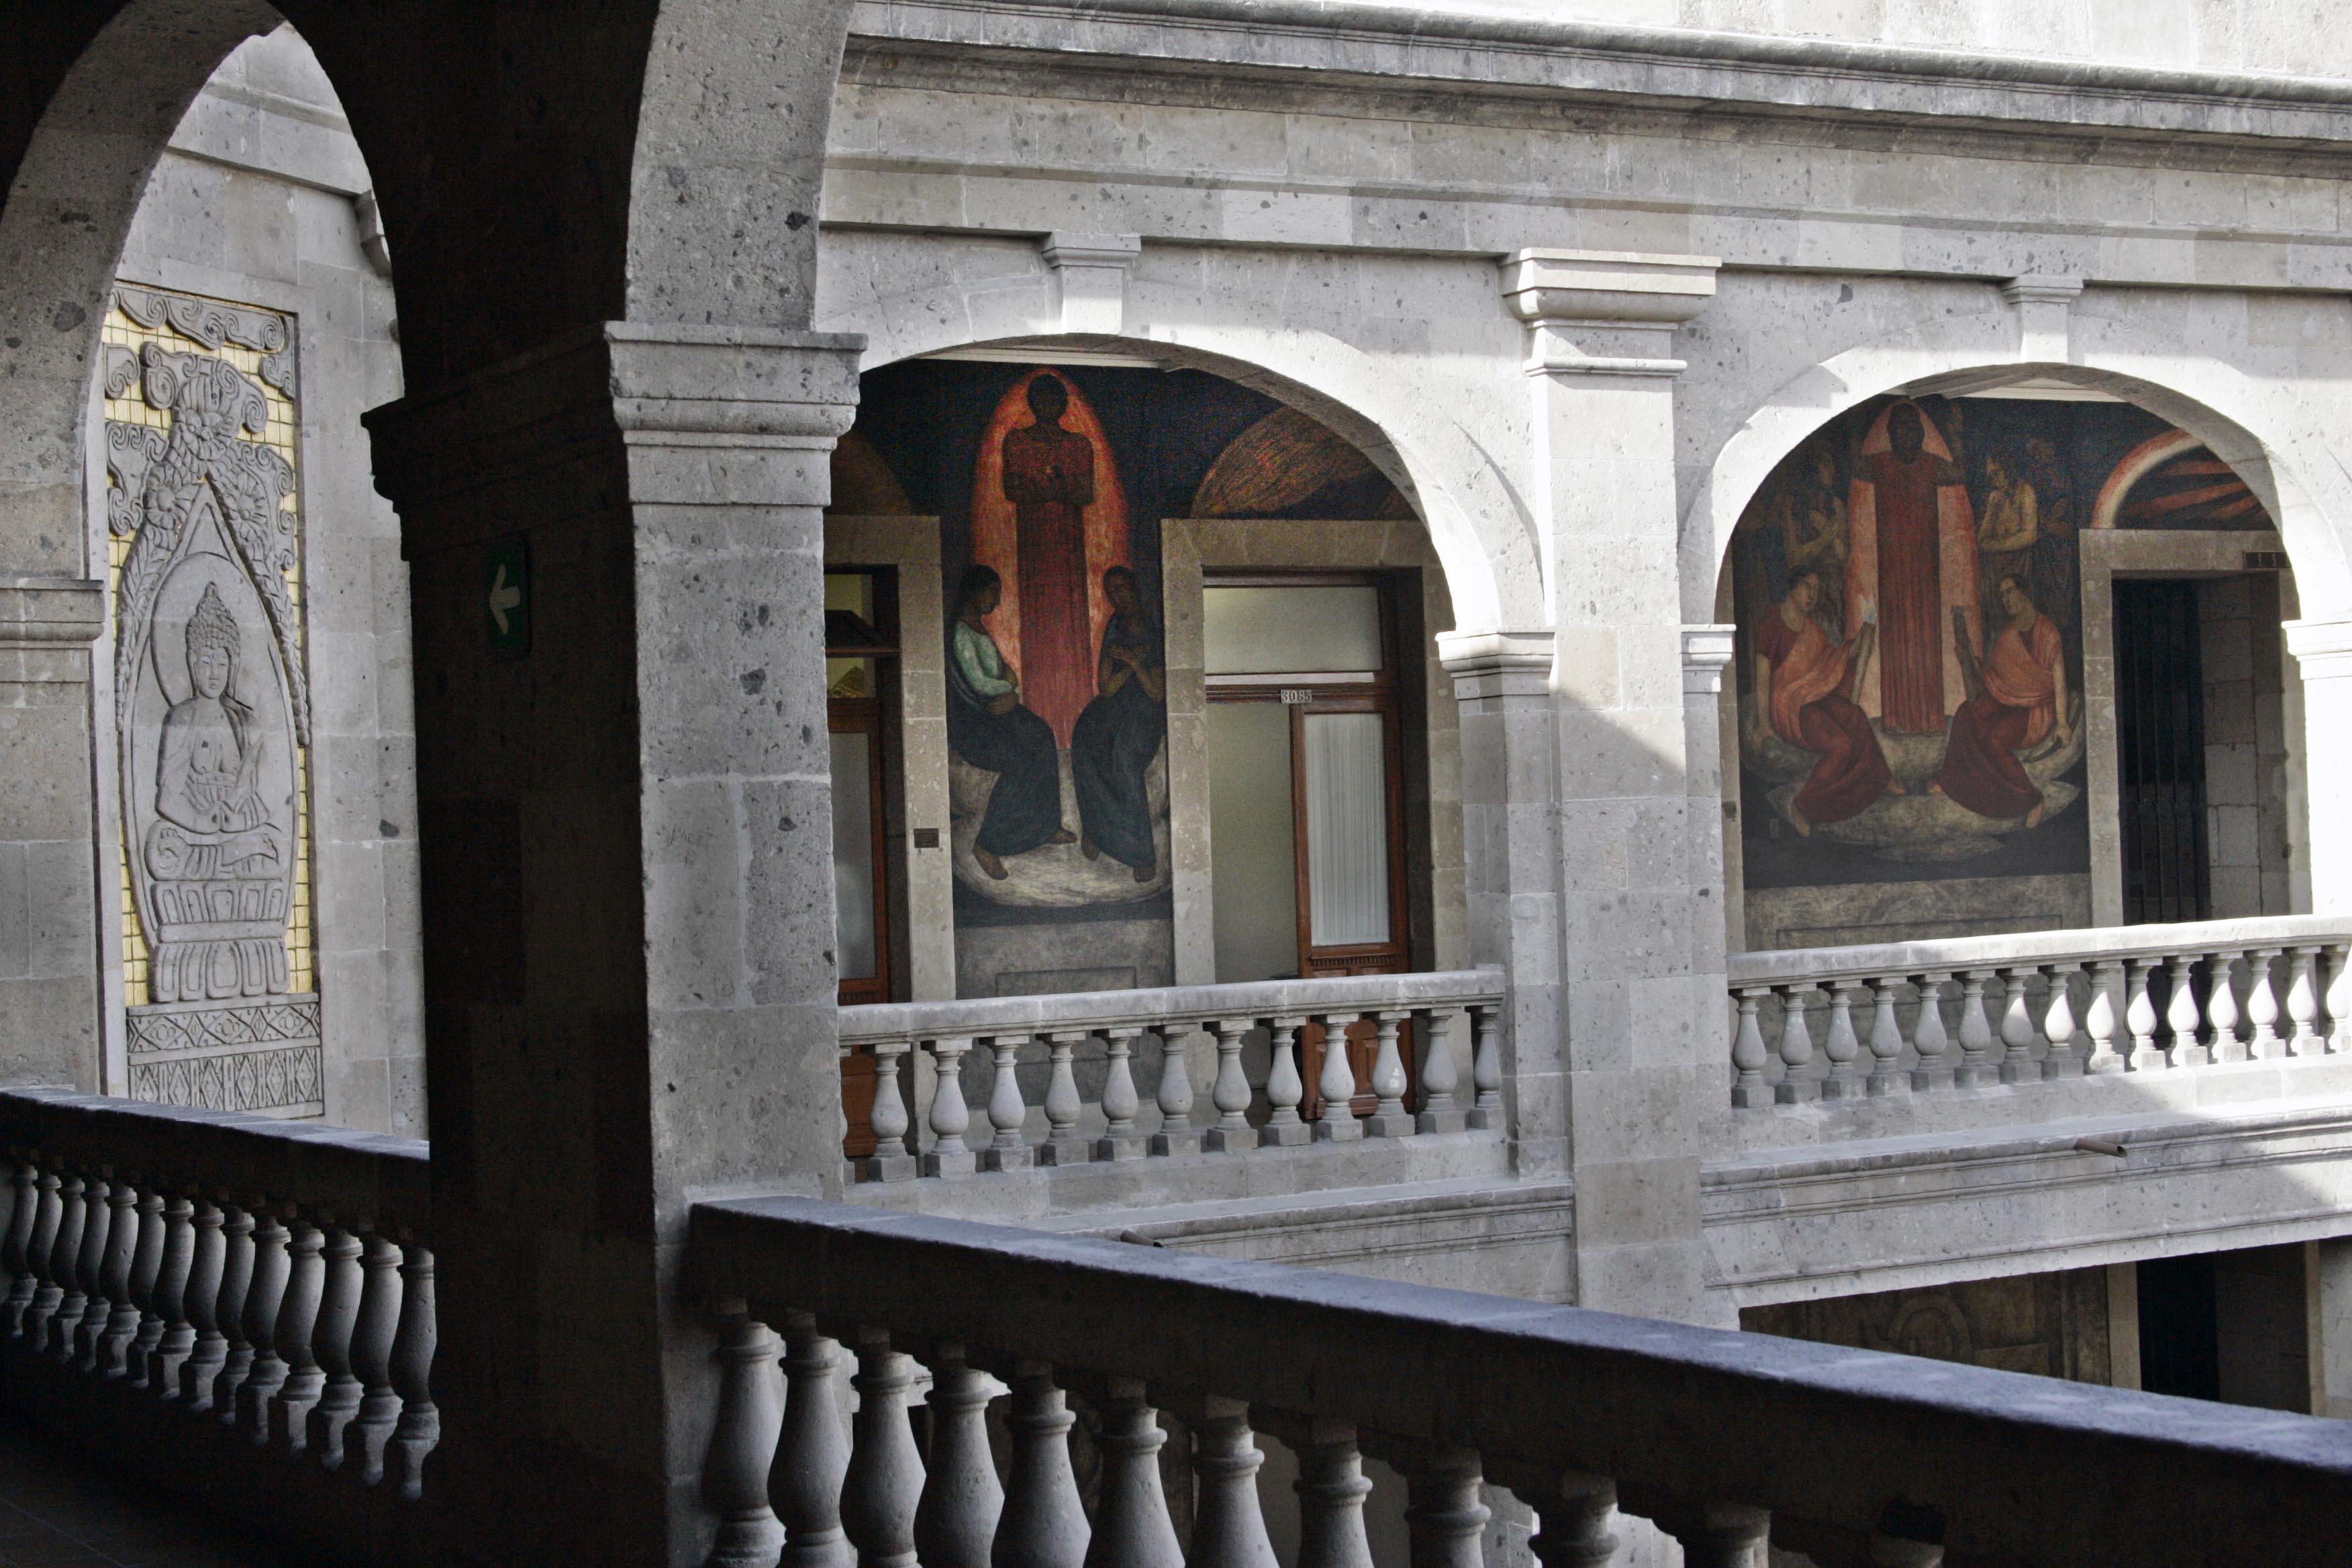 -El 9 de abril, representantes de Guanajuato, Jalisco, San Luis Potosí, Zacatecas y la entidad anfitriona analizarán el modelo educativo en el contexto de la Consulta Nacional convocada por la SEP.